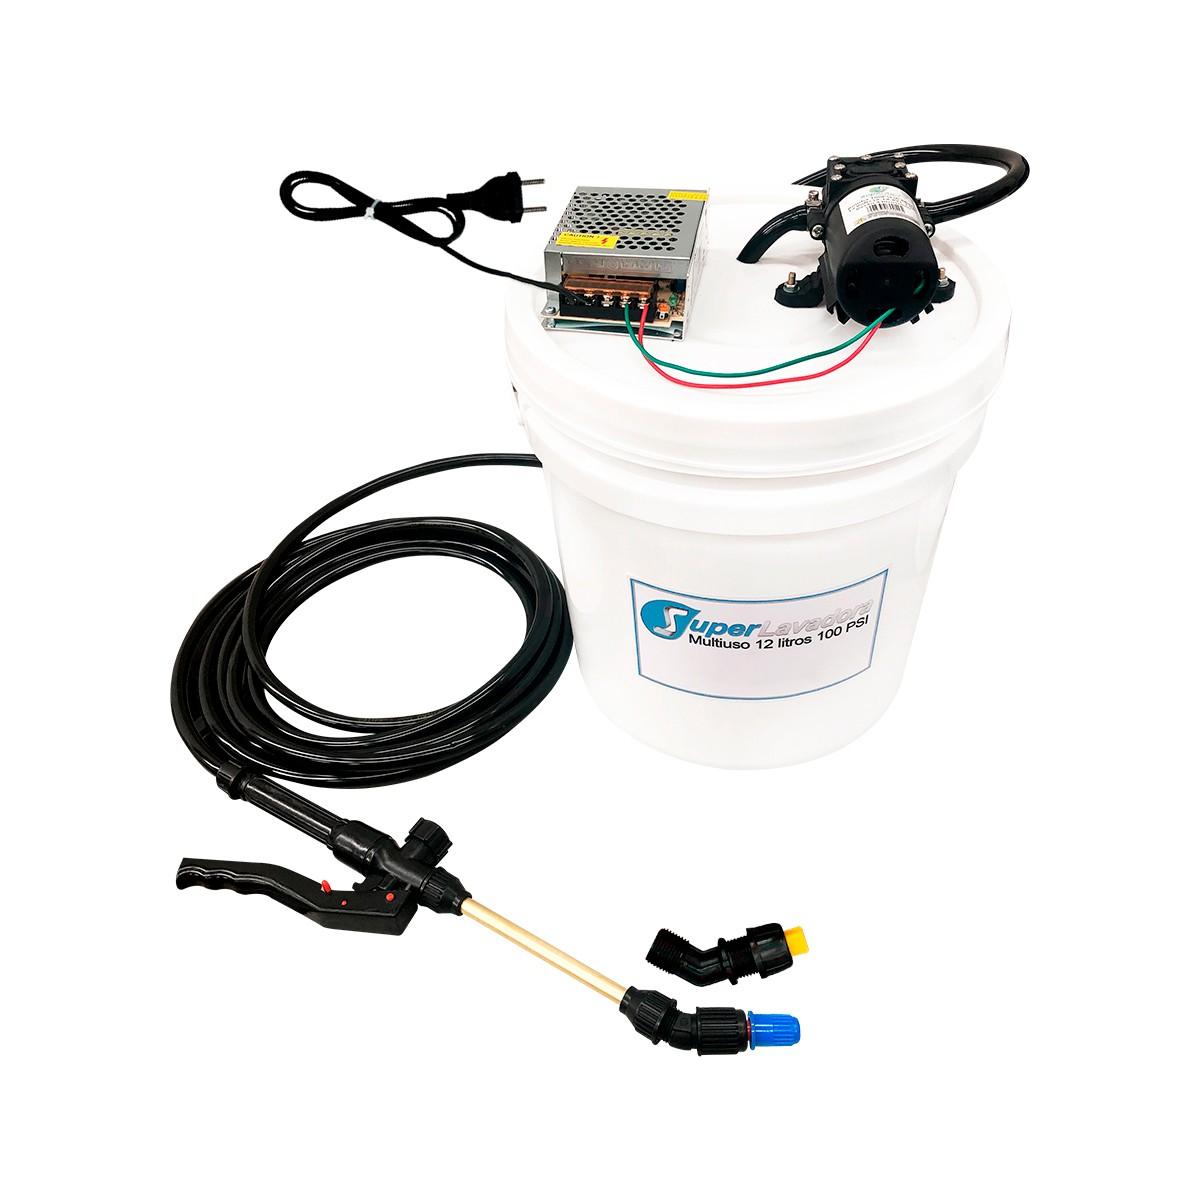 Lavadora Elétrica 12L 100PSI Carrinho + Bolsa Coletora até 12000 BTUS